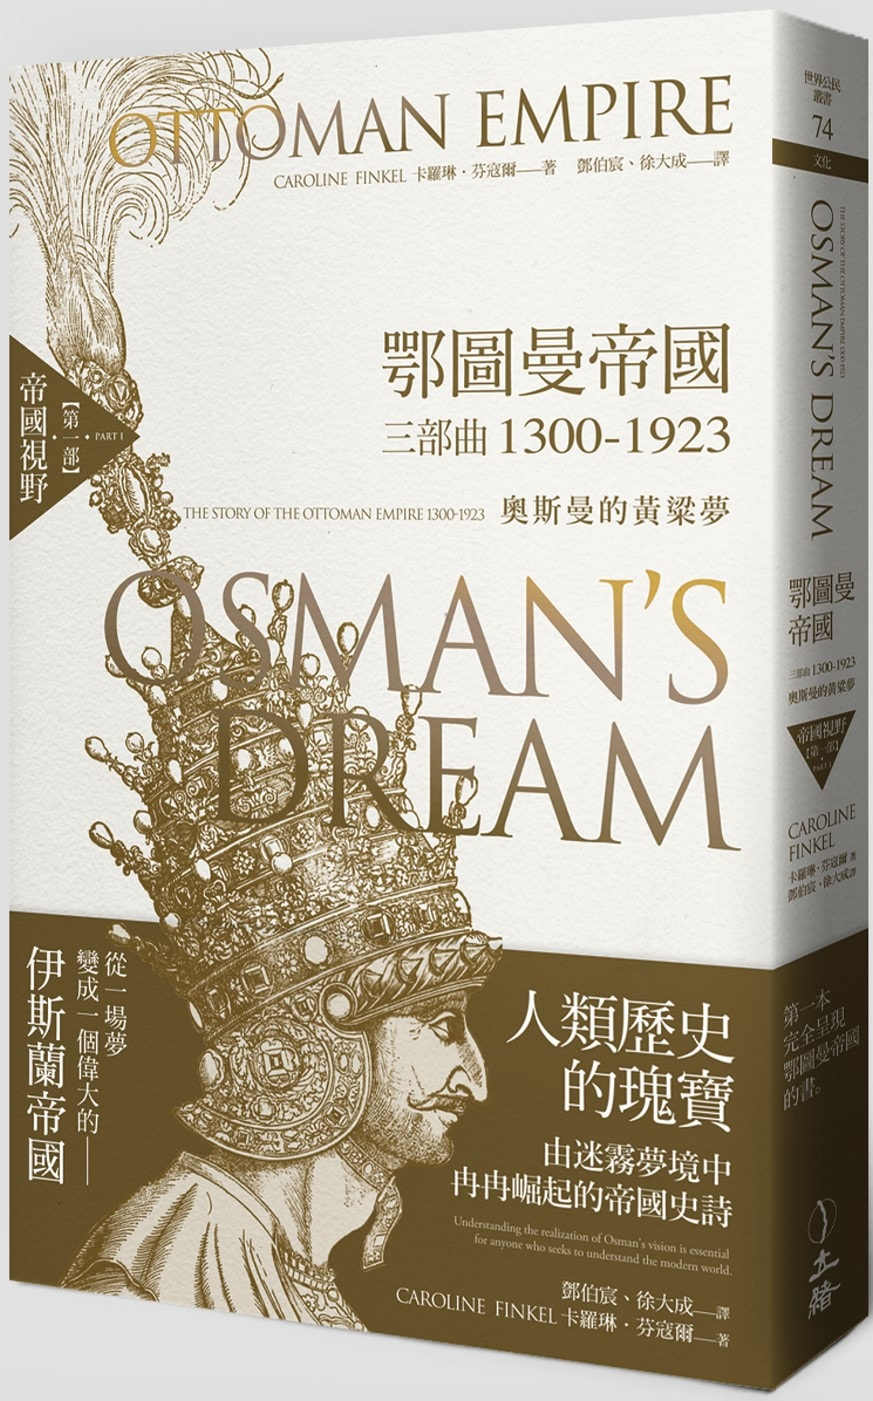 鄂圖曼帝國三部曲1300-1923:奧斯曼的黃粱夢(第一部 帝國視野)